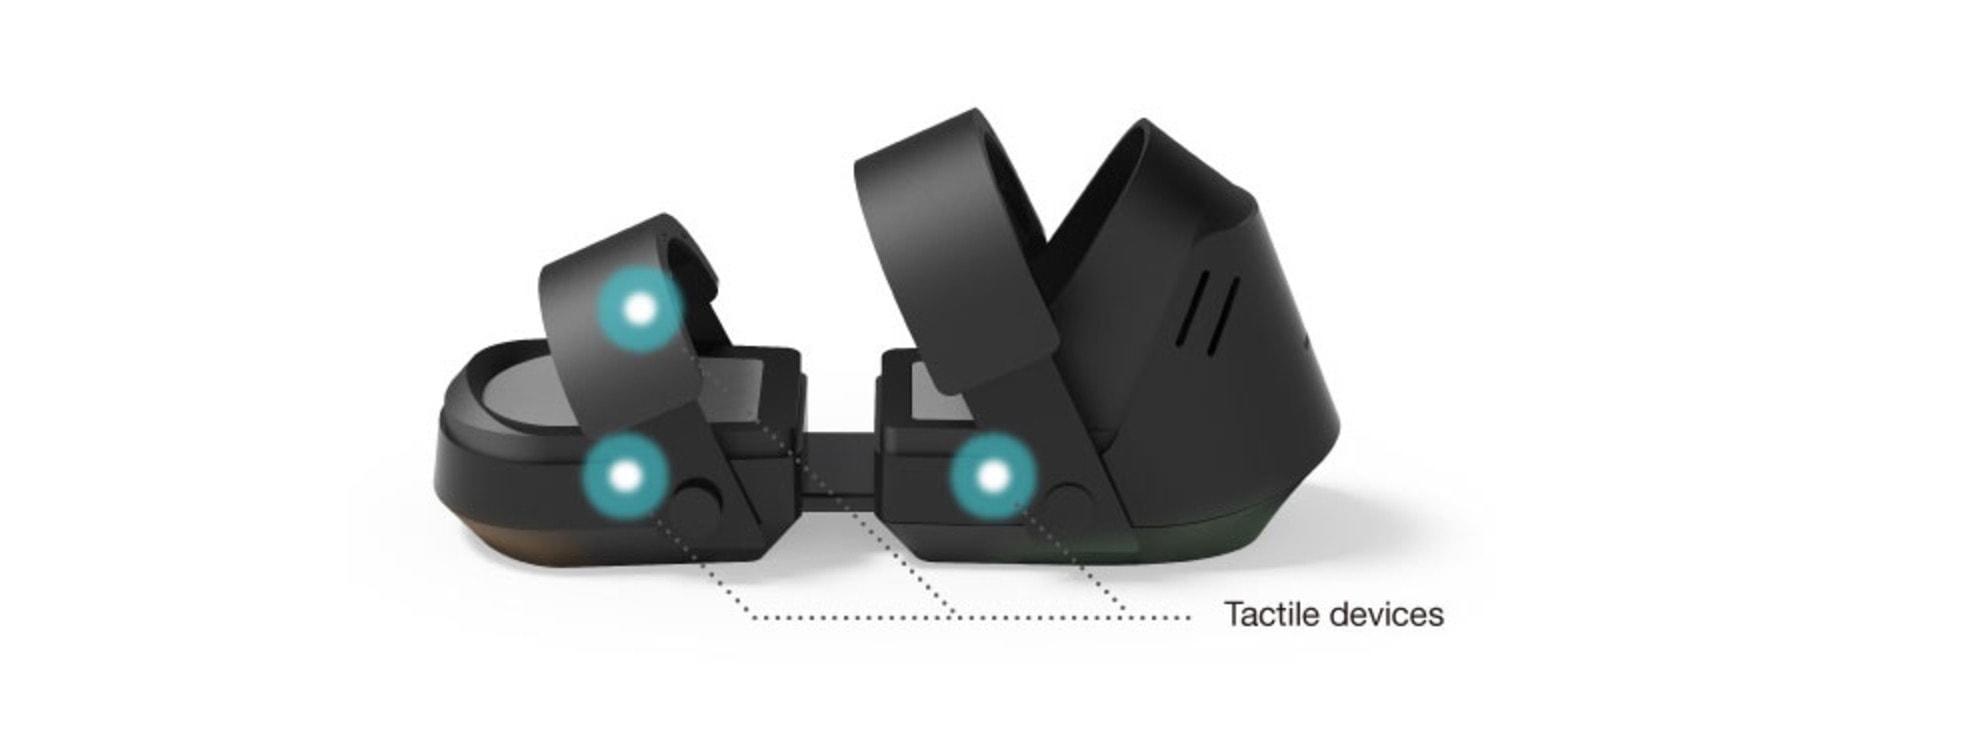 taclim par cevero pieds - La réalité virtuelle jusque dans vos pieds